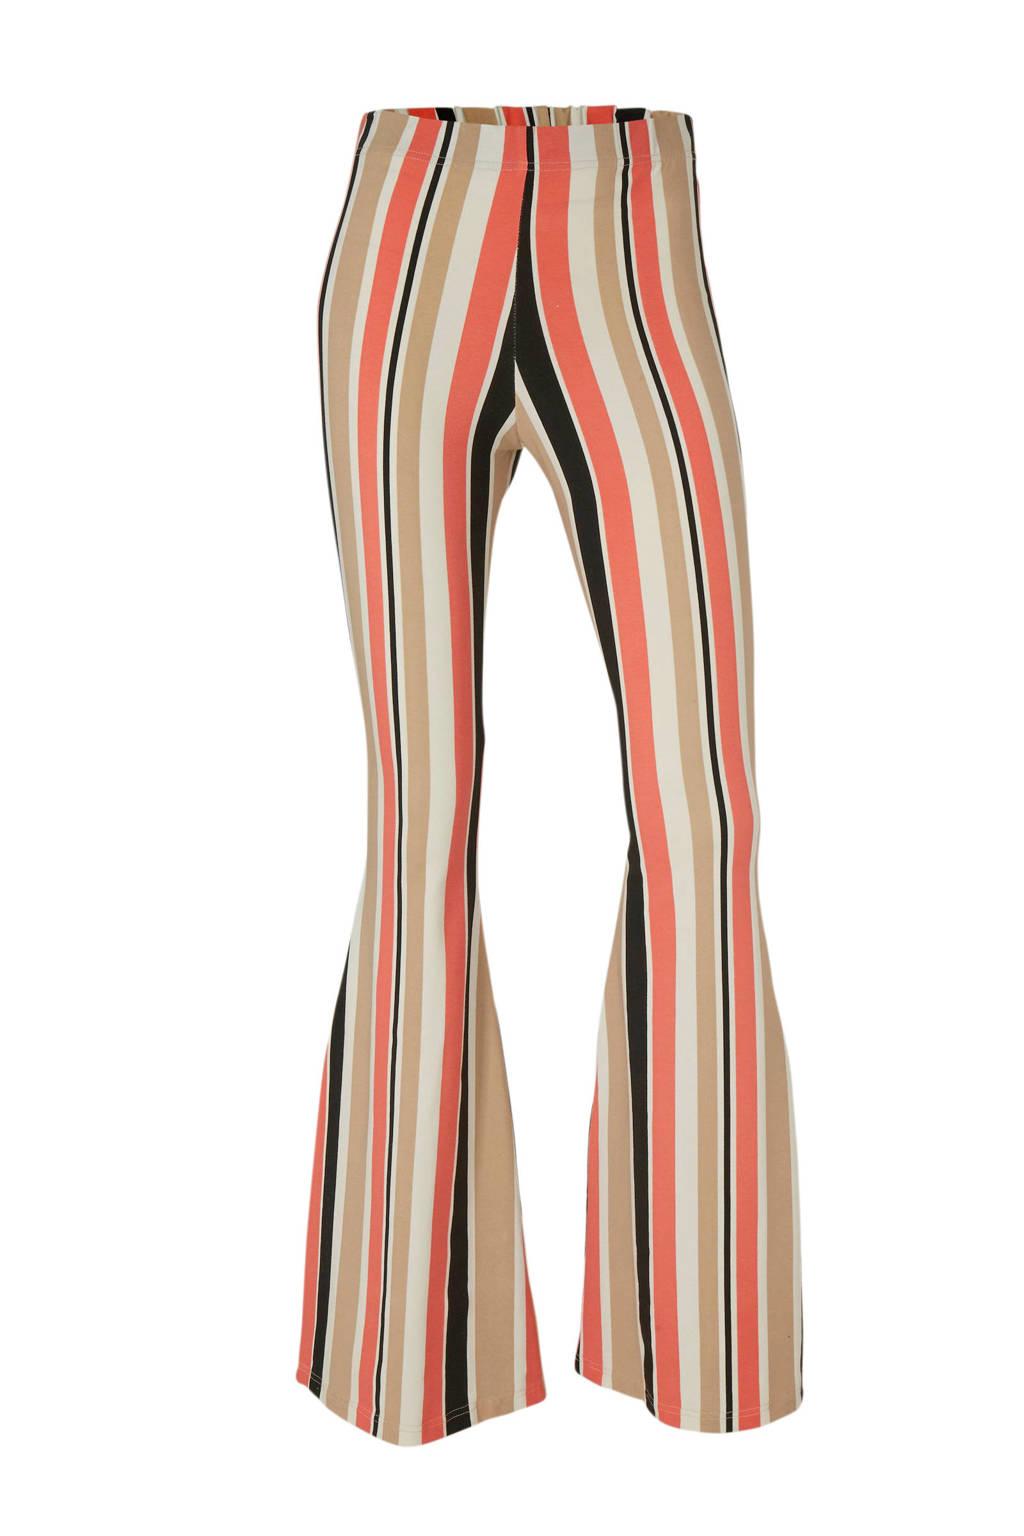 x Maan gestreepte flared broek beige/oranje/zwart, Beige/oranje/zwart